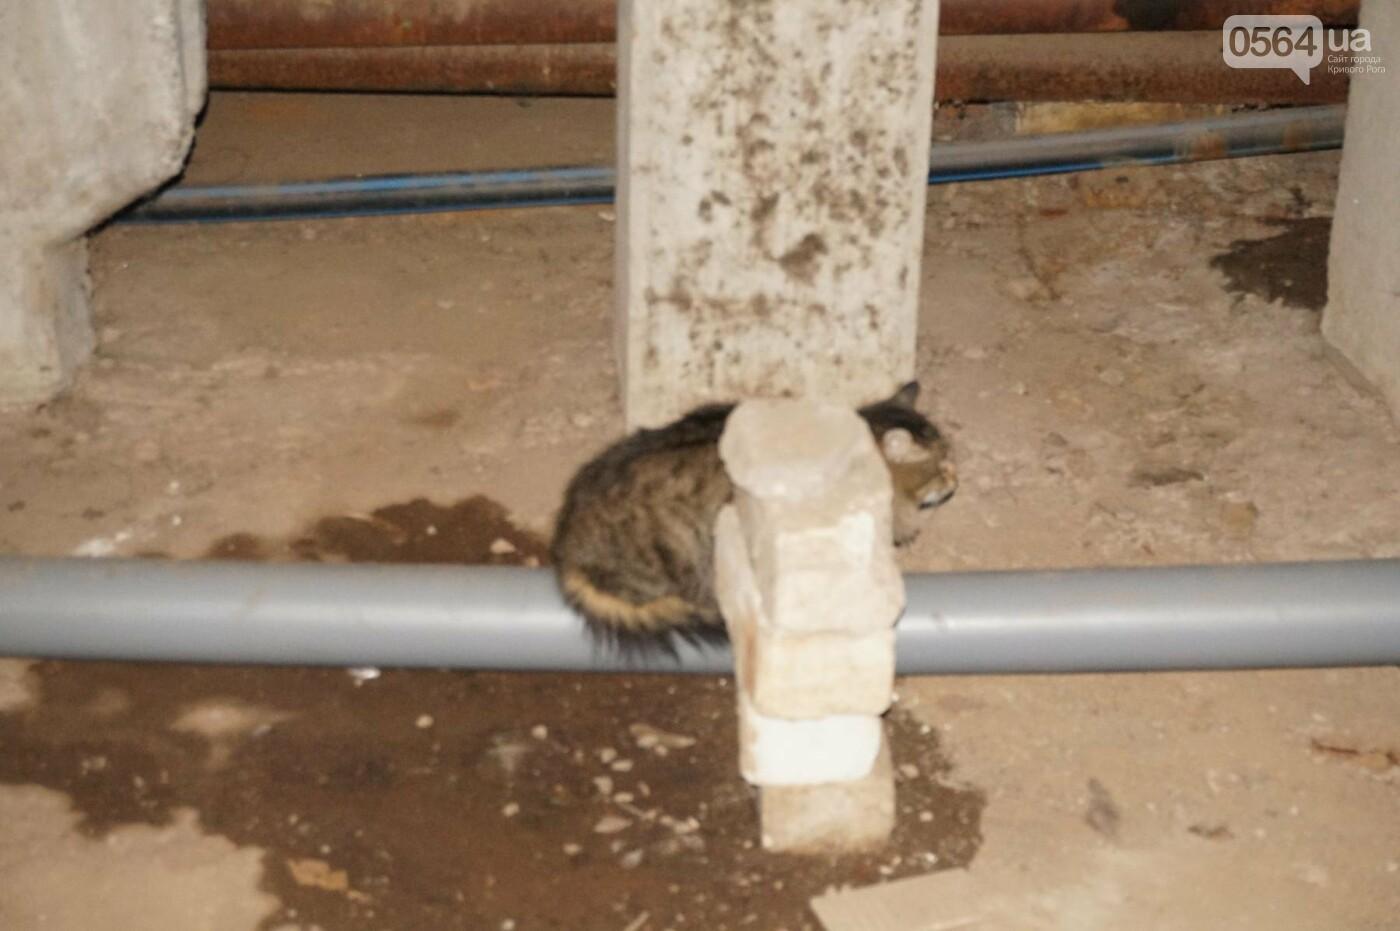 Криворожскую многоэтажку затопило фекалиями (ФОТО, ВИДЕО), фото-8